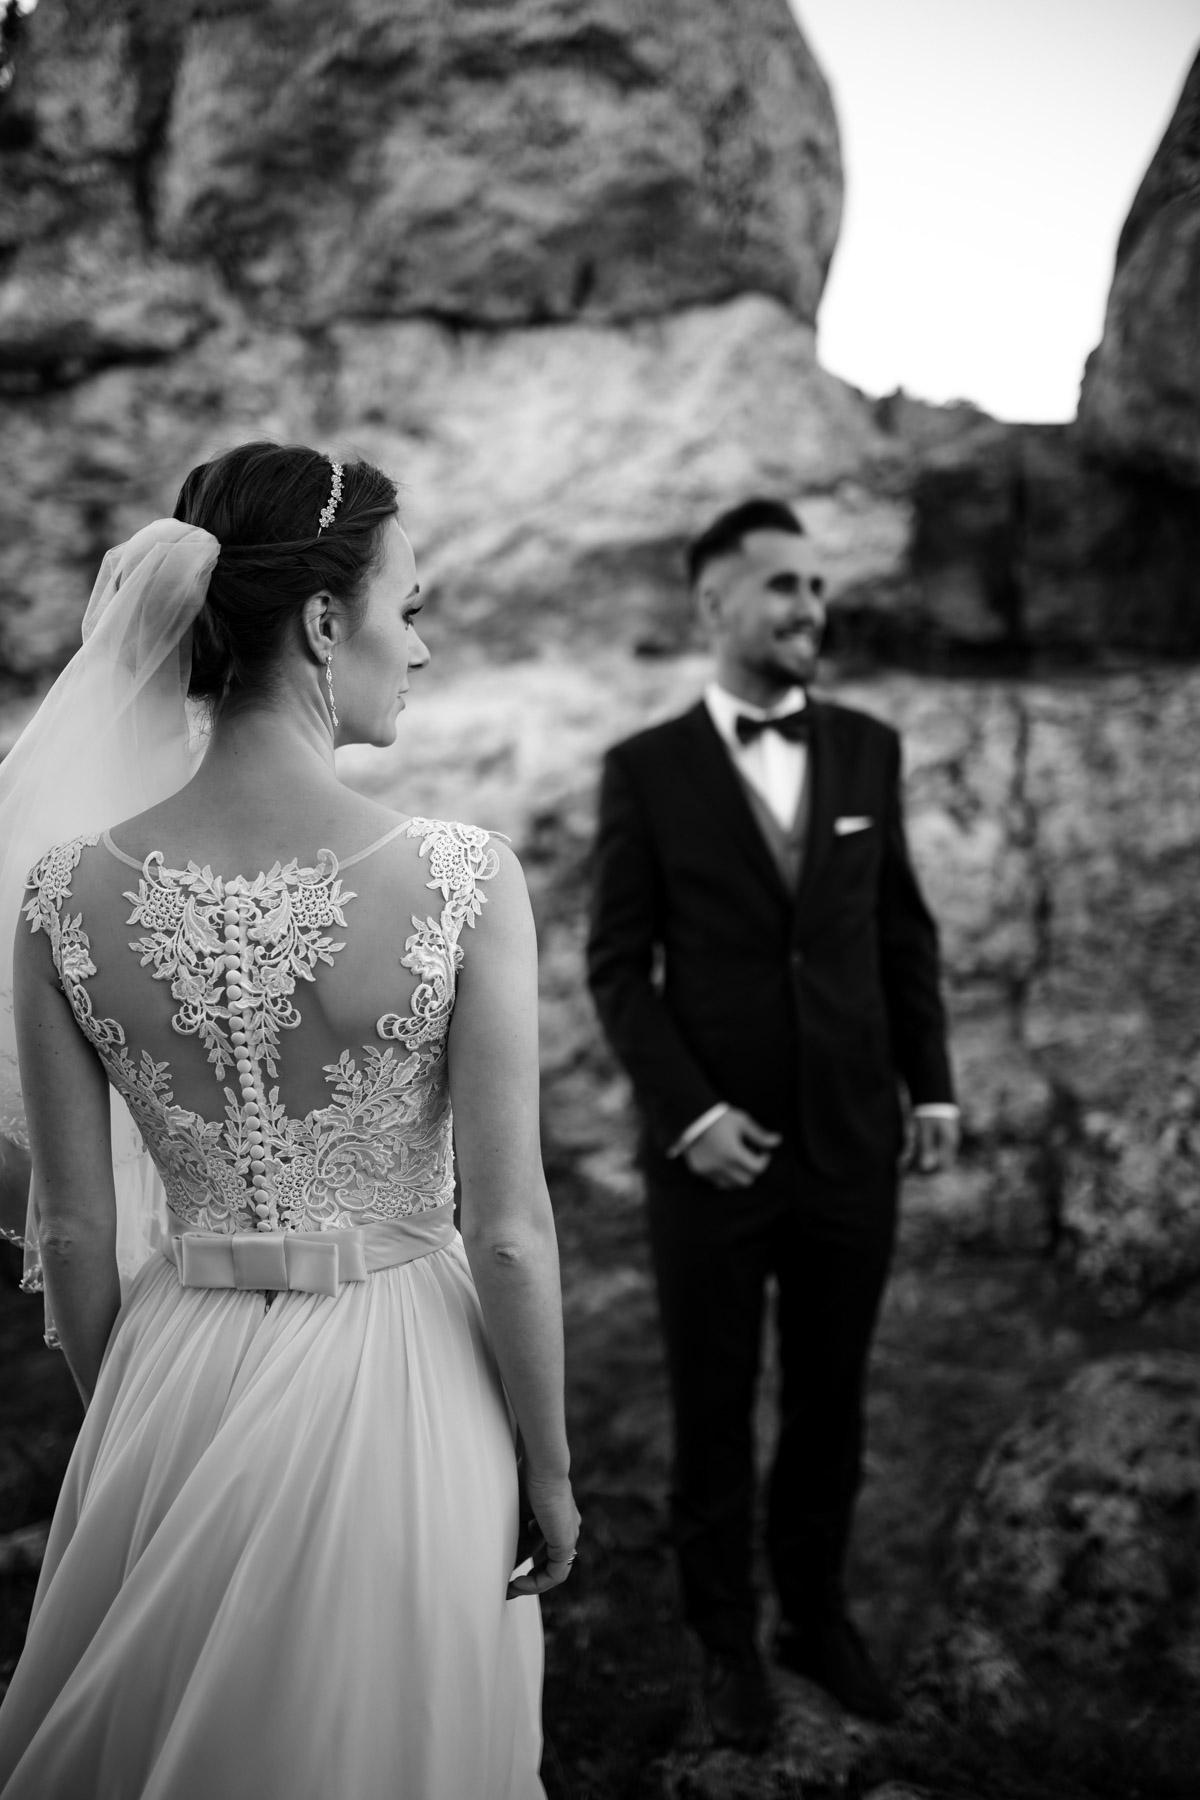 fotograf-ślubny-gora-zborow-jura-krakowsko-czestochowska-zdjecie-11